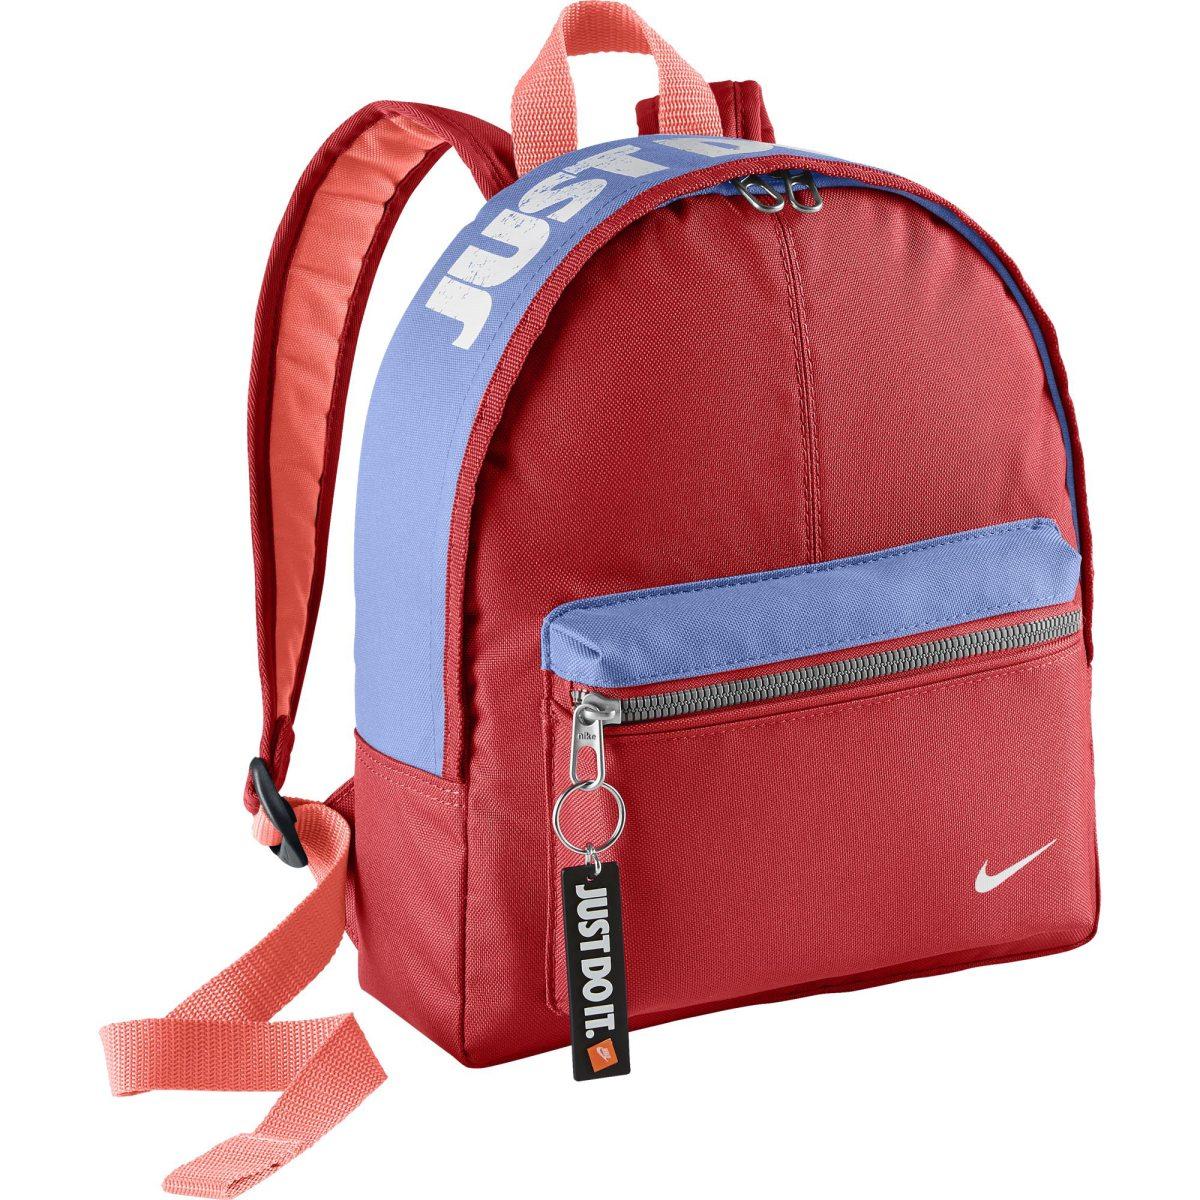 Nike volleyboll ryggsäck